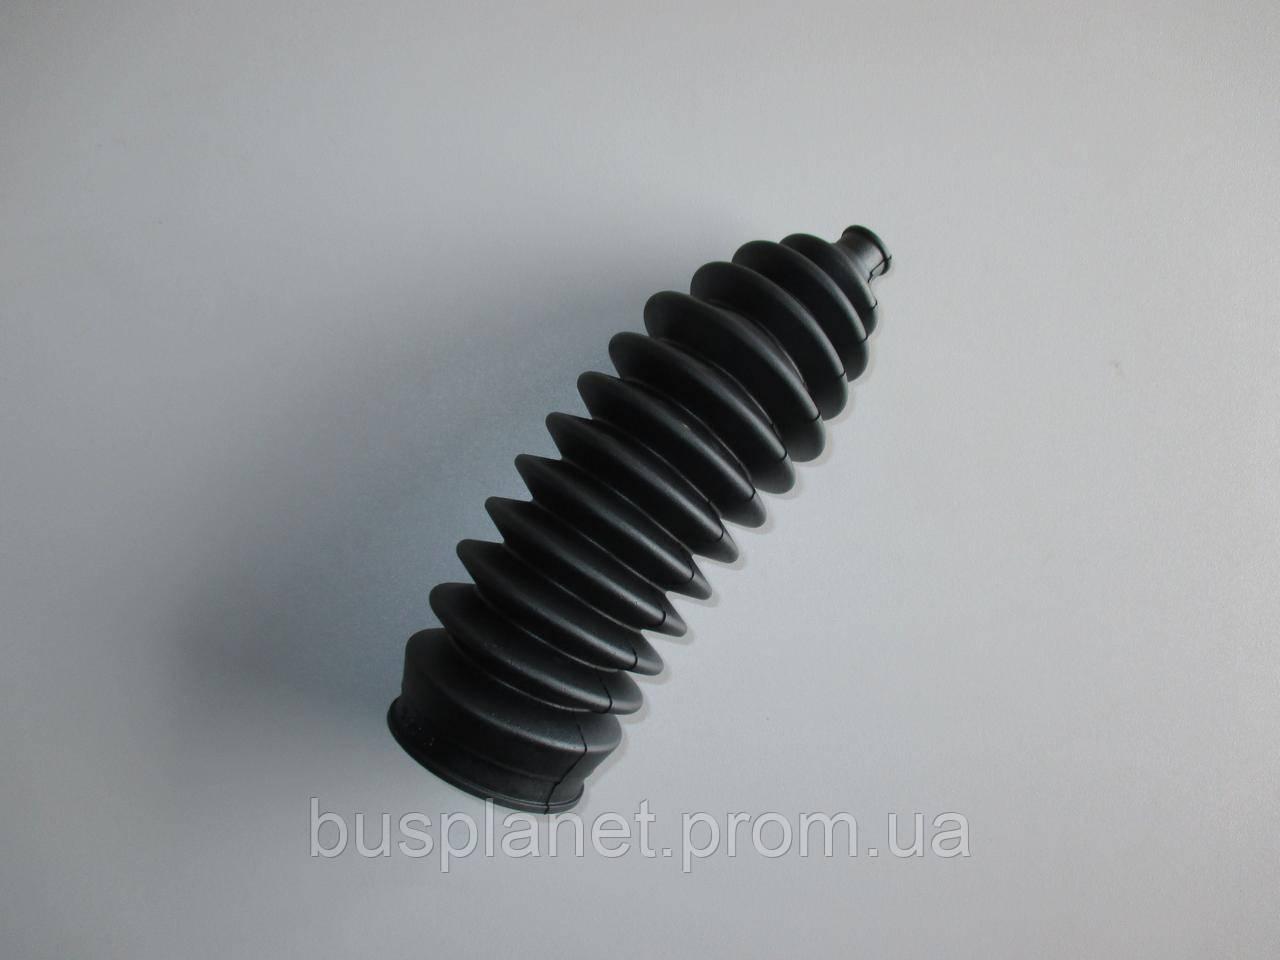 Пыльник рулевой тяги (тефлон)